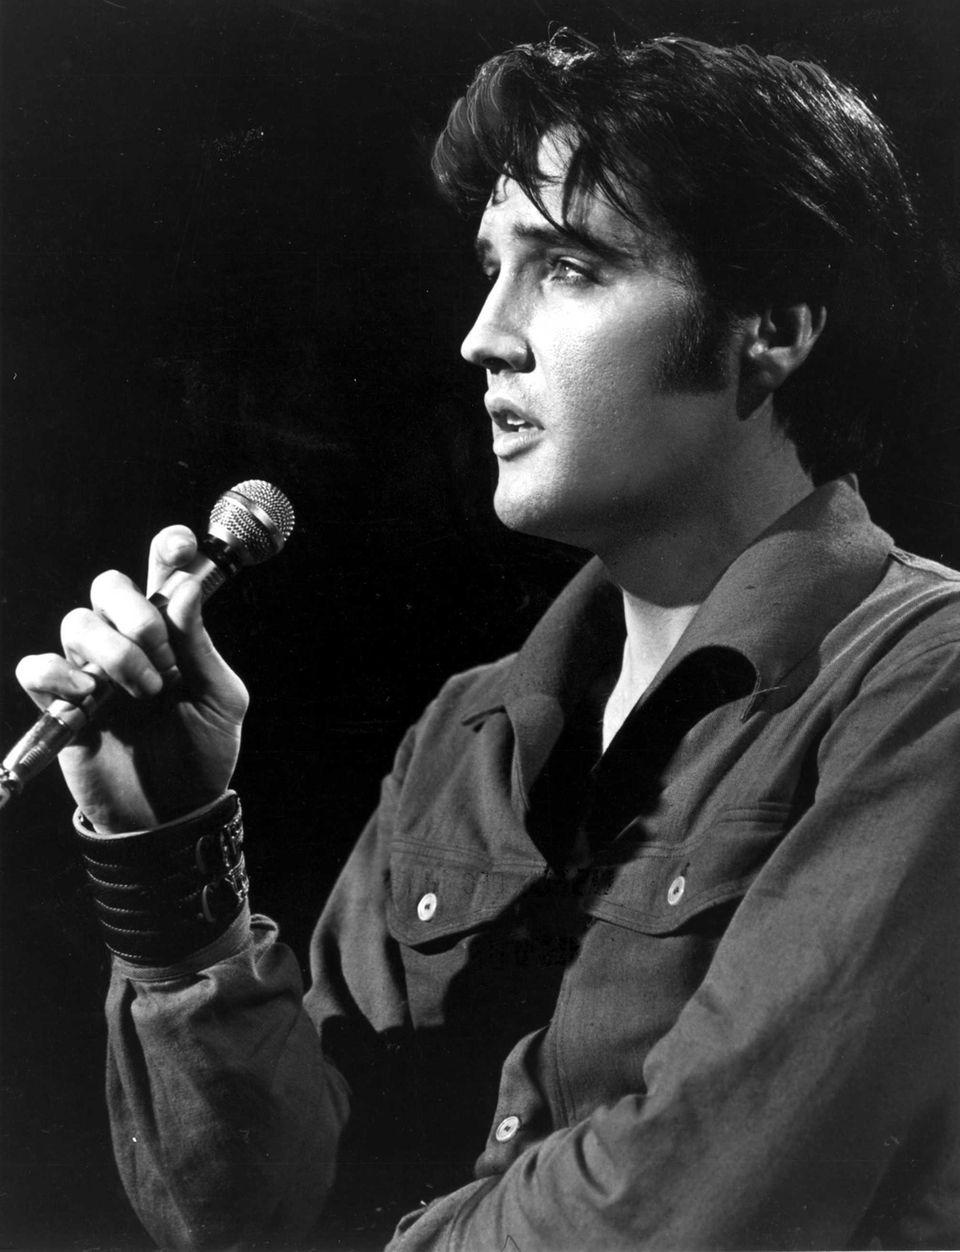 Elvis Presley sings romantic ballads in